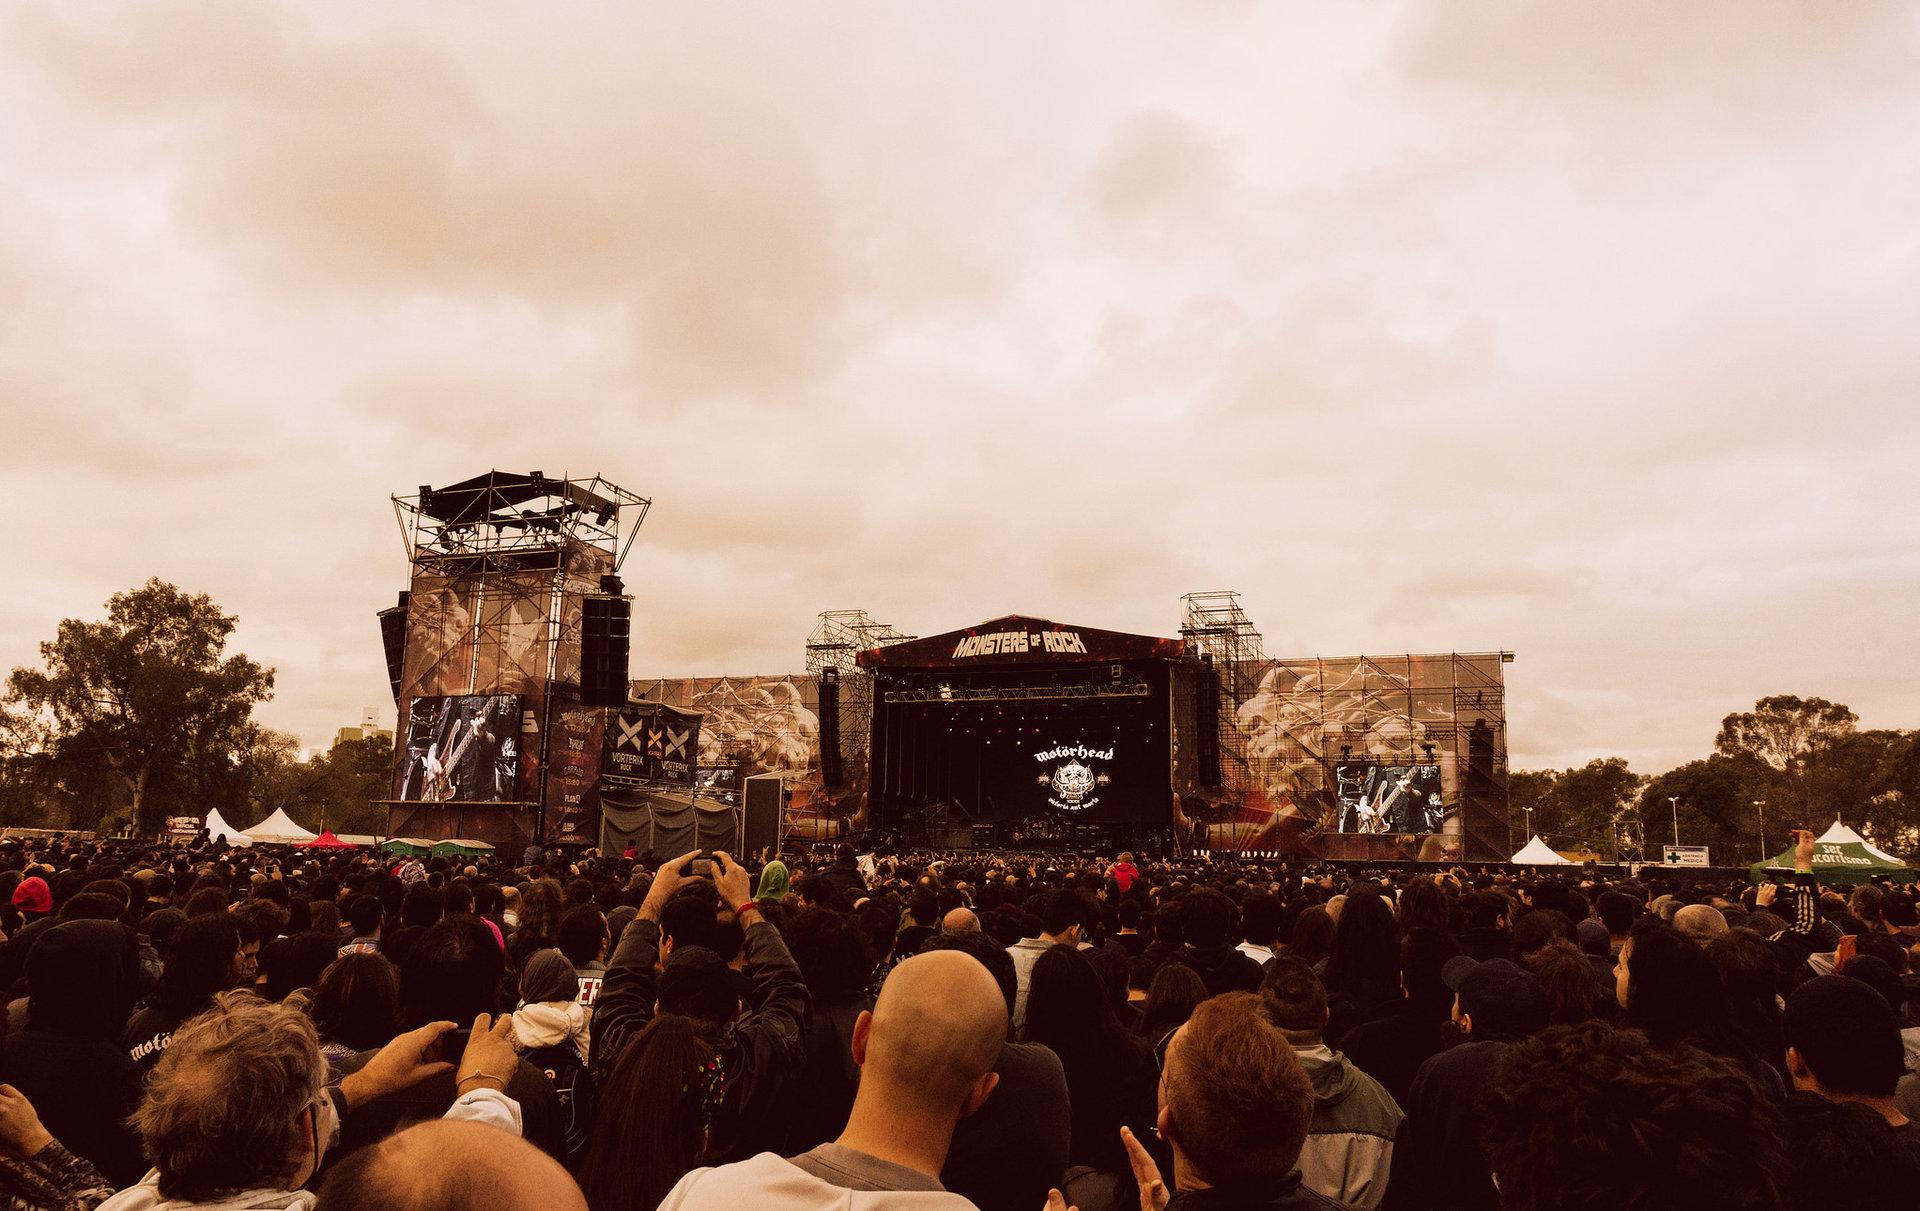 Mark van haitsma monsters of rock stage sm